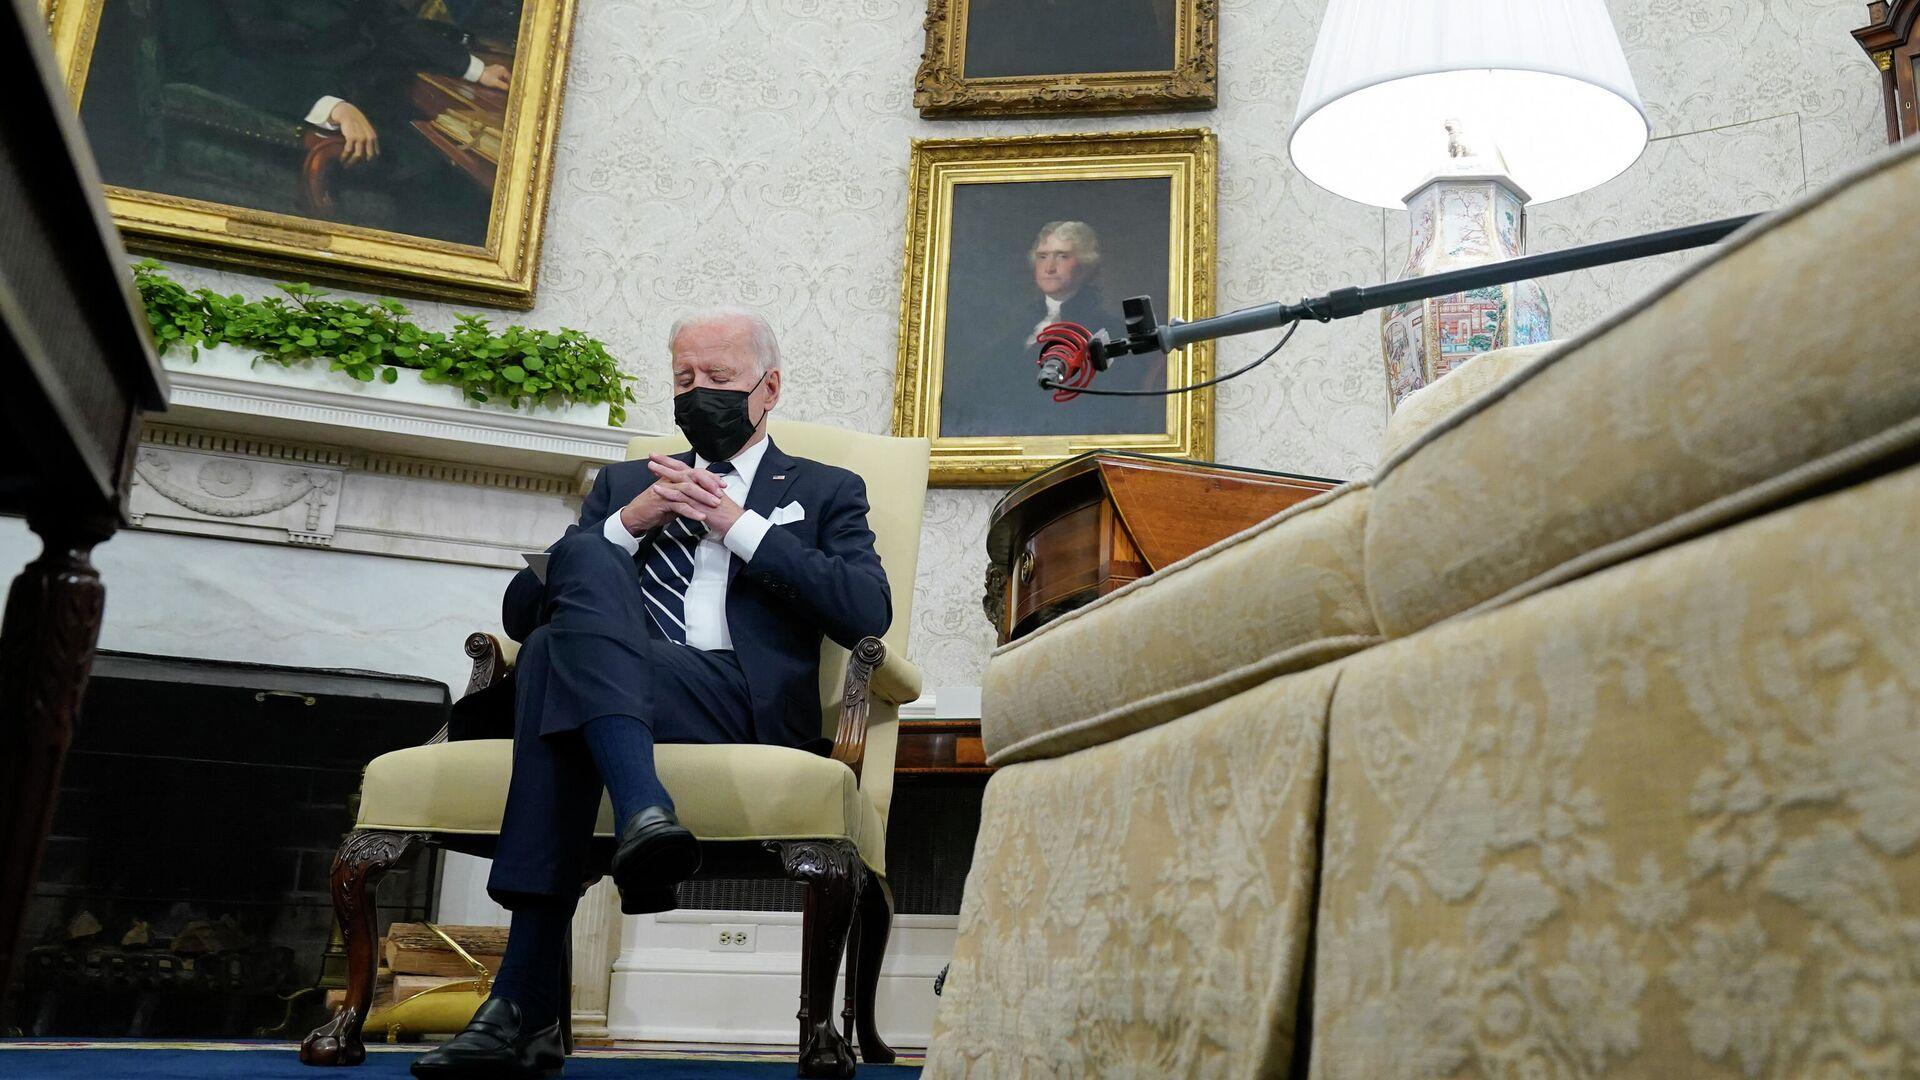 Americký prezident Joe Biden během schůzky s izraelským premiérem Naftaliím Bennettem - Sputnik Česká republika, 1920, 29.08.2021